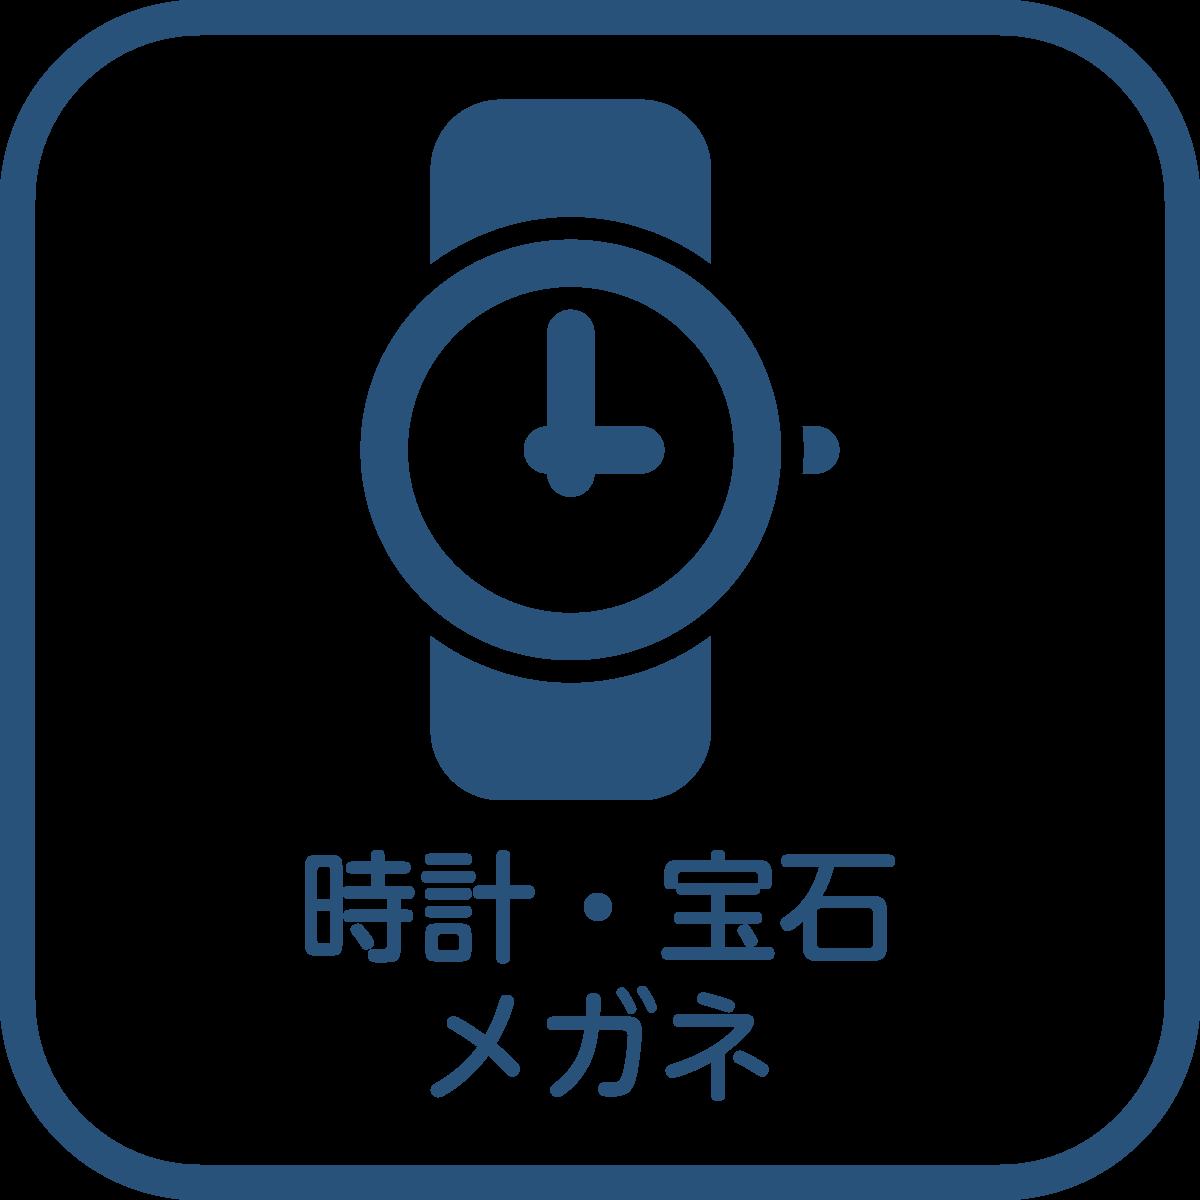 時計・宝石・メガネ